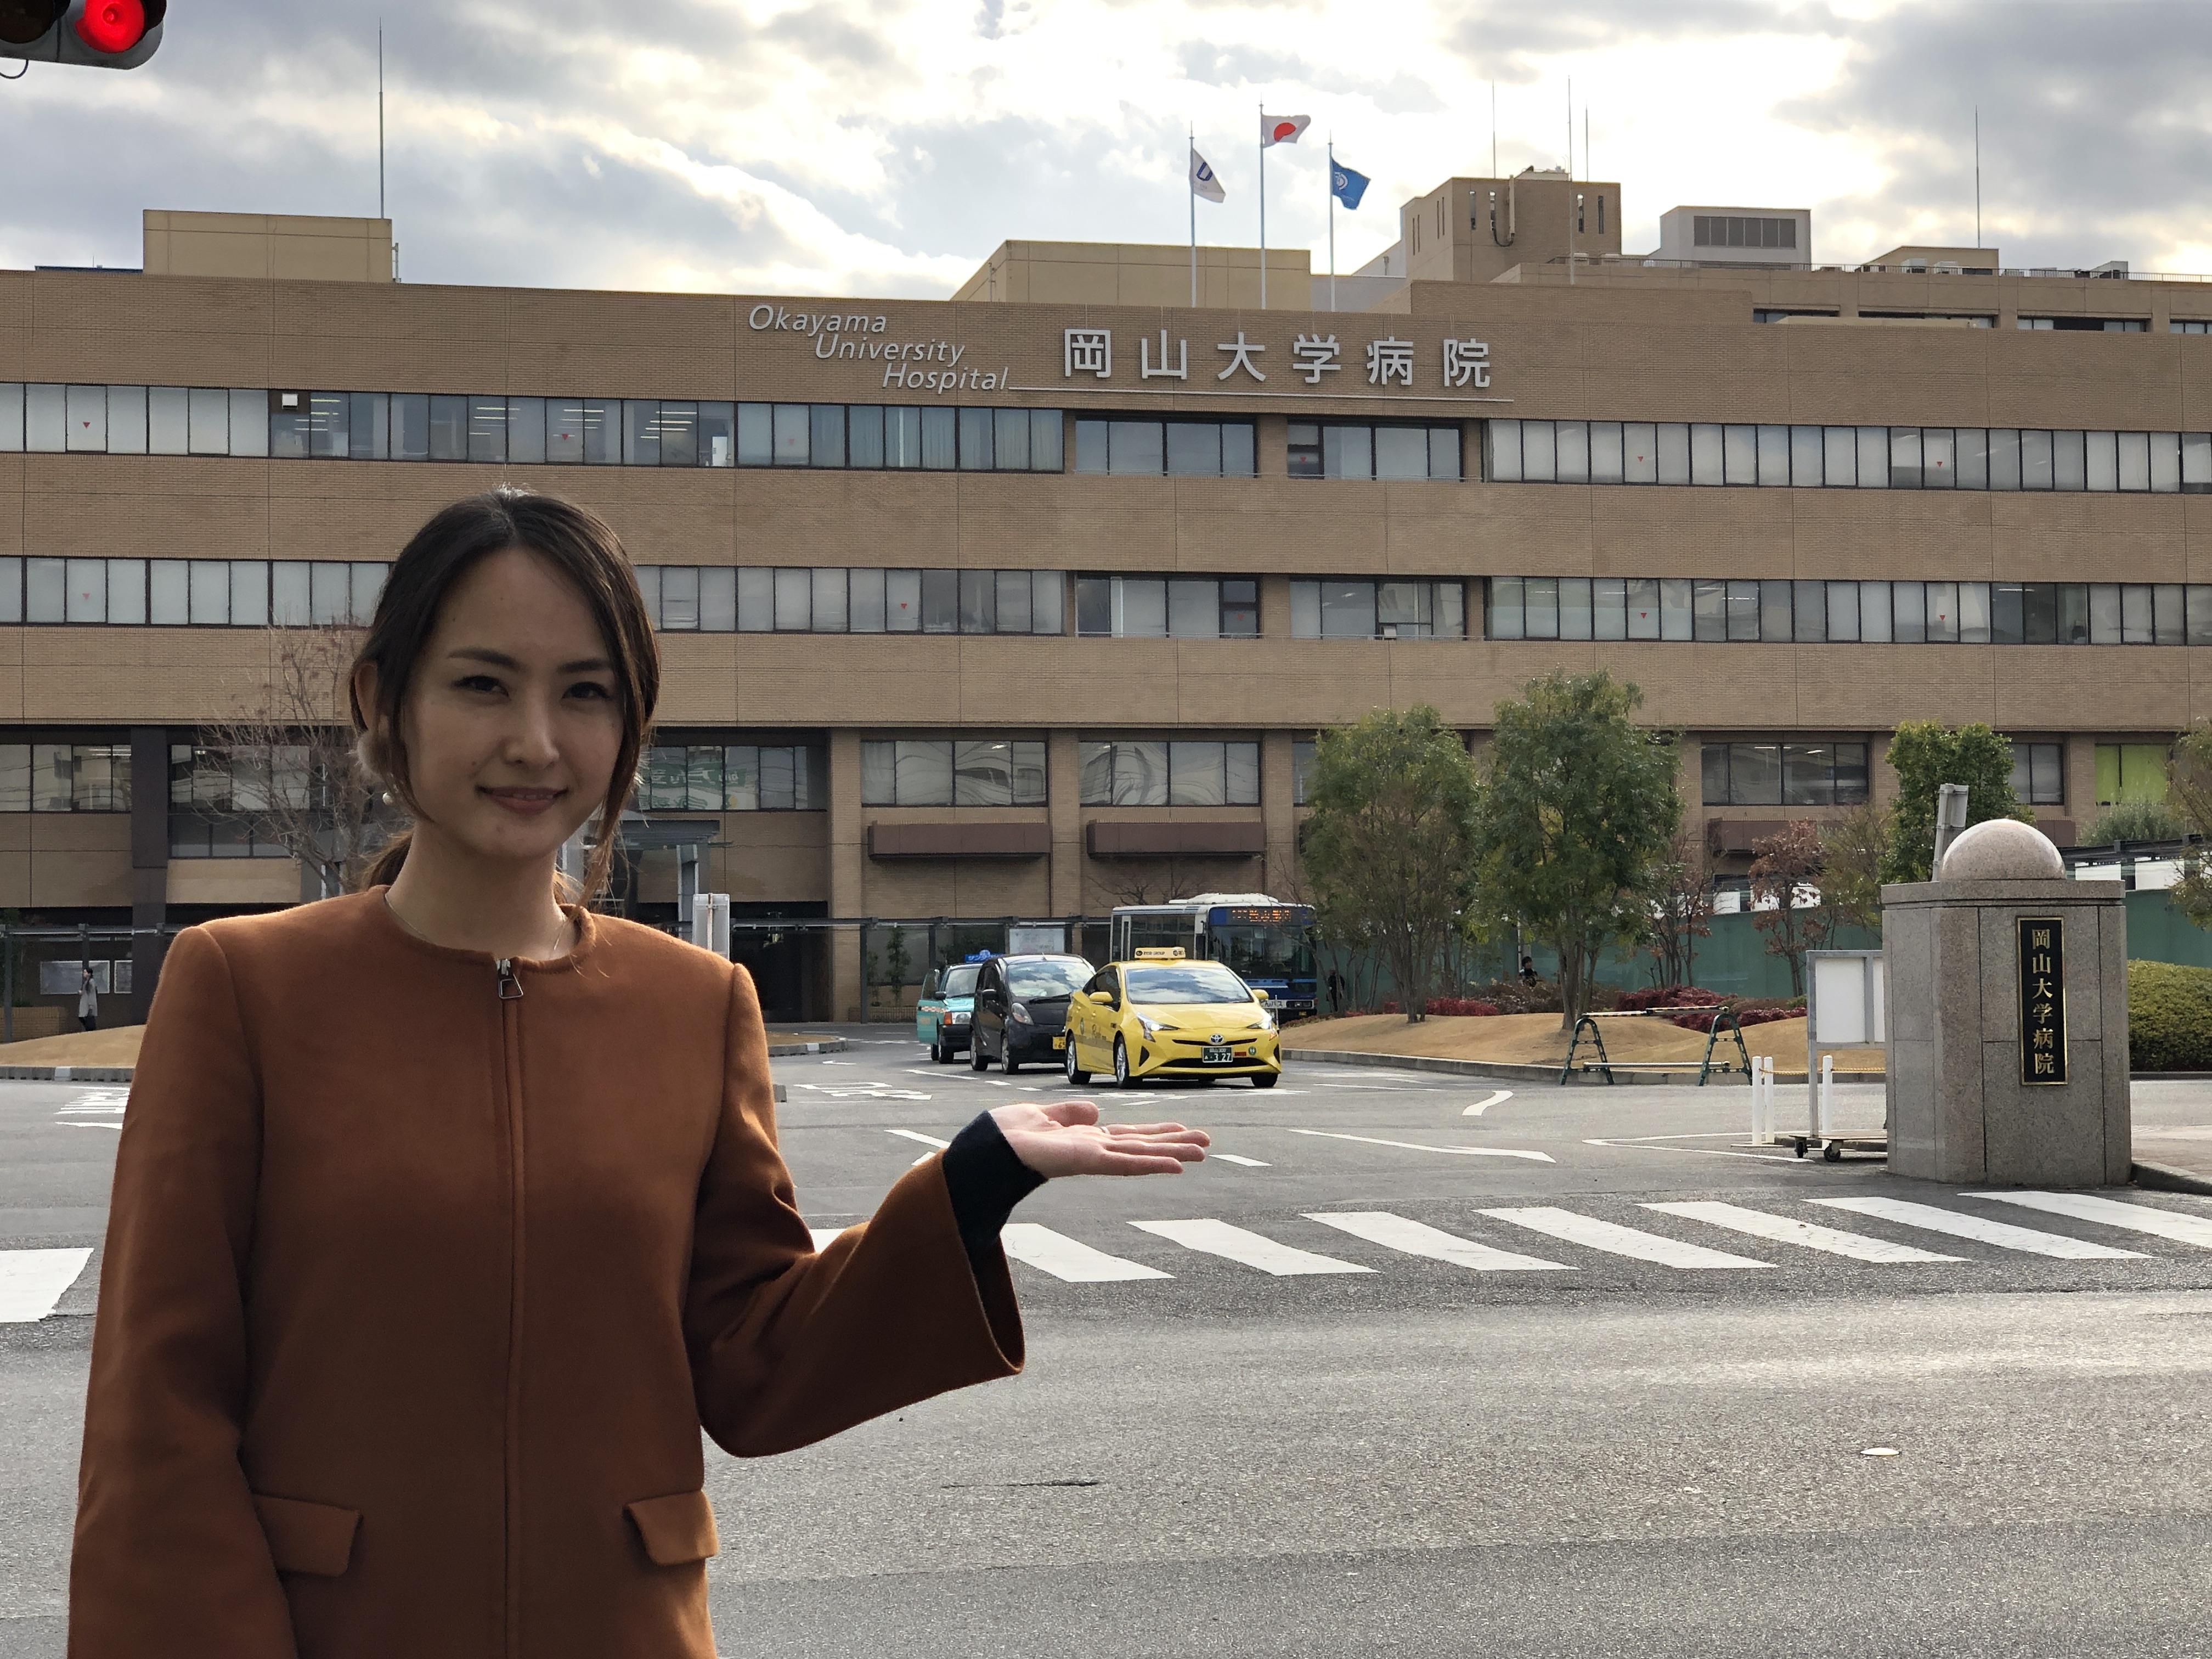 岡山大学に訪問。看護留学について打ち合わせして来ました